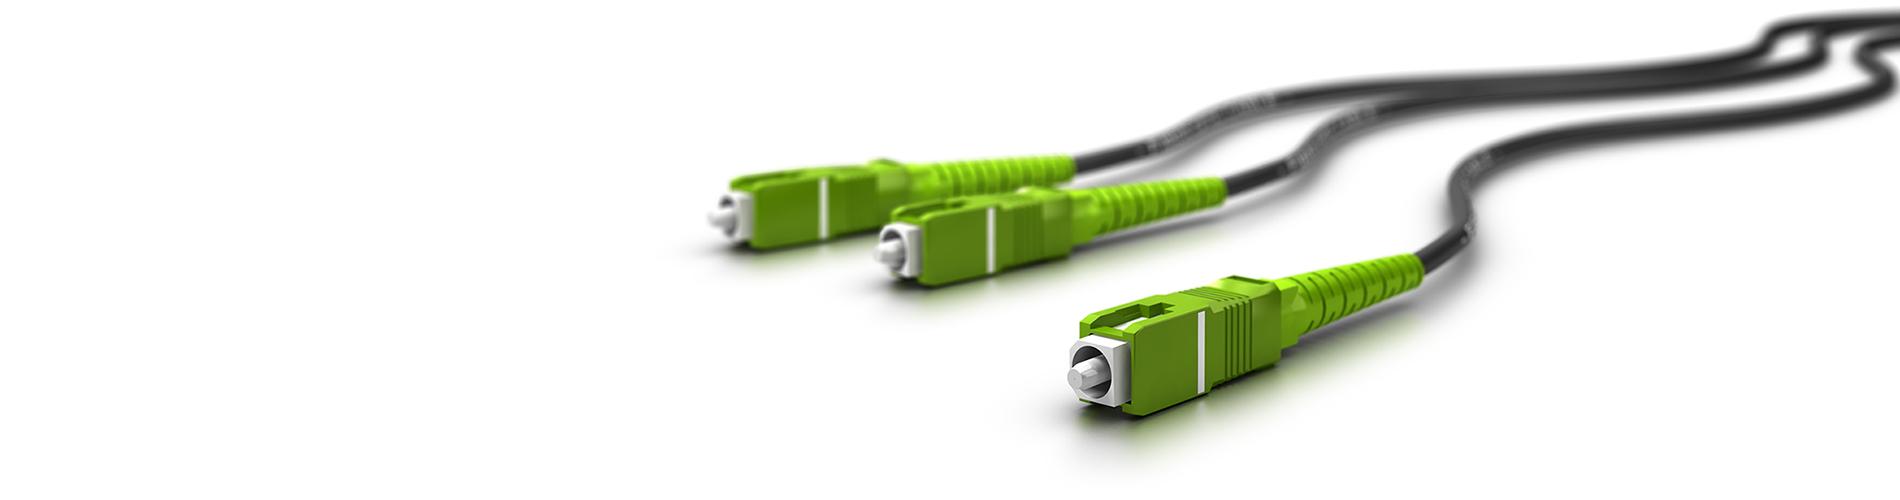 Svandals fiberförening